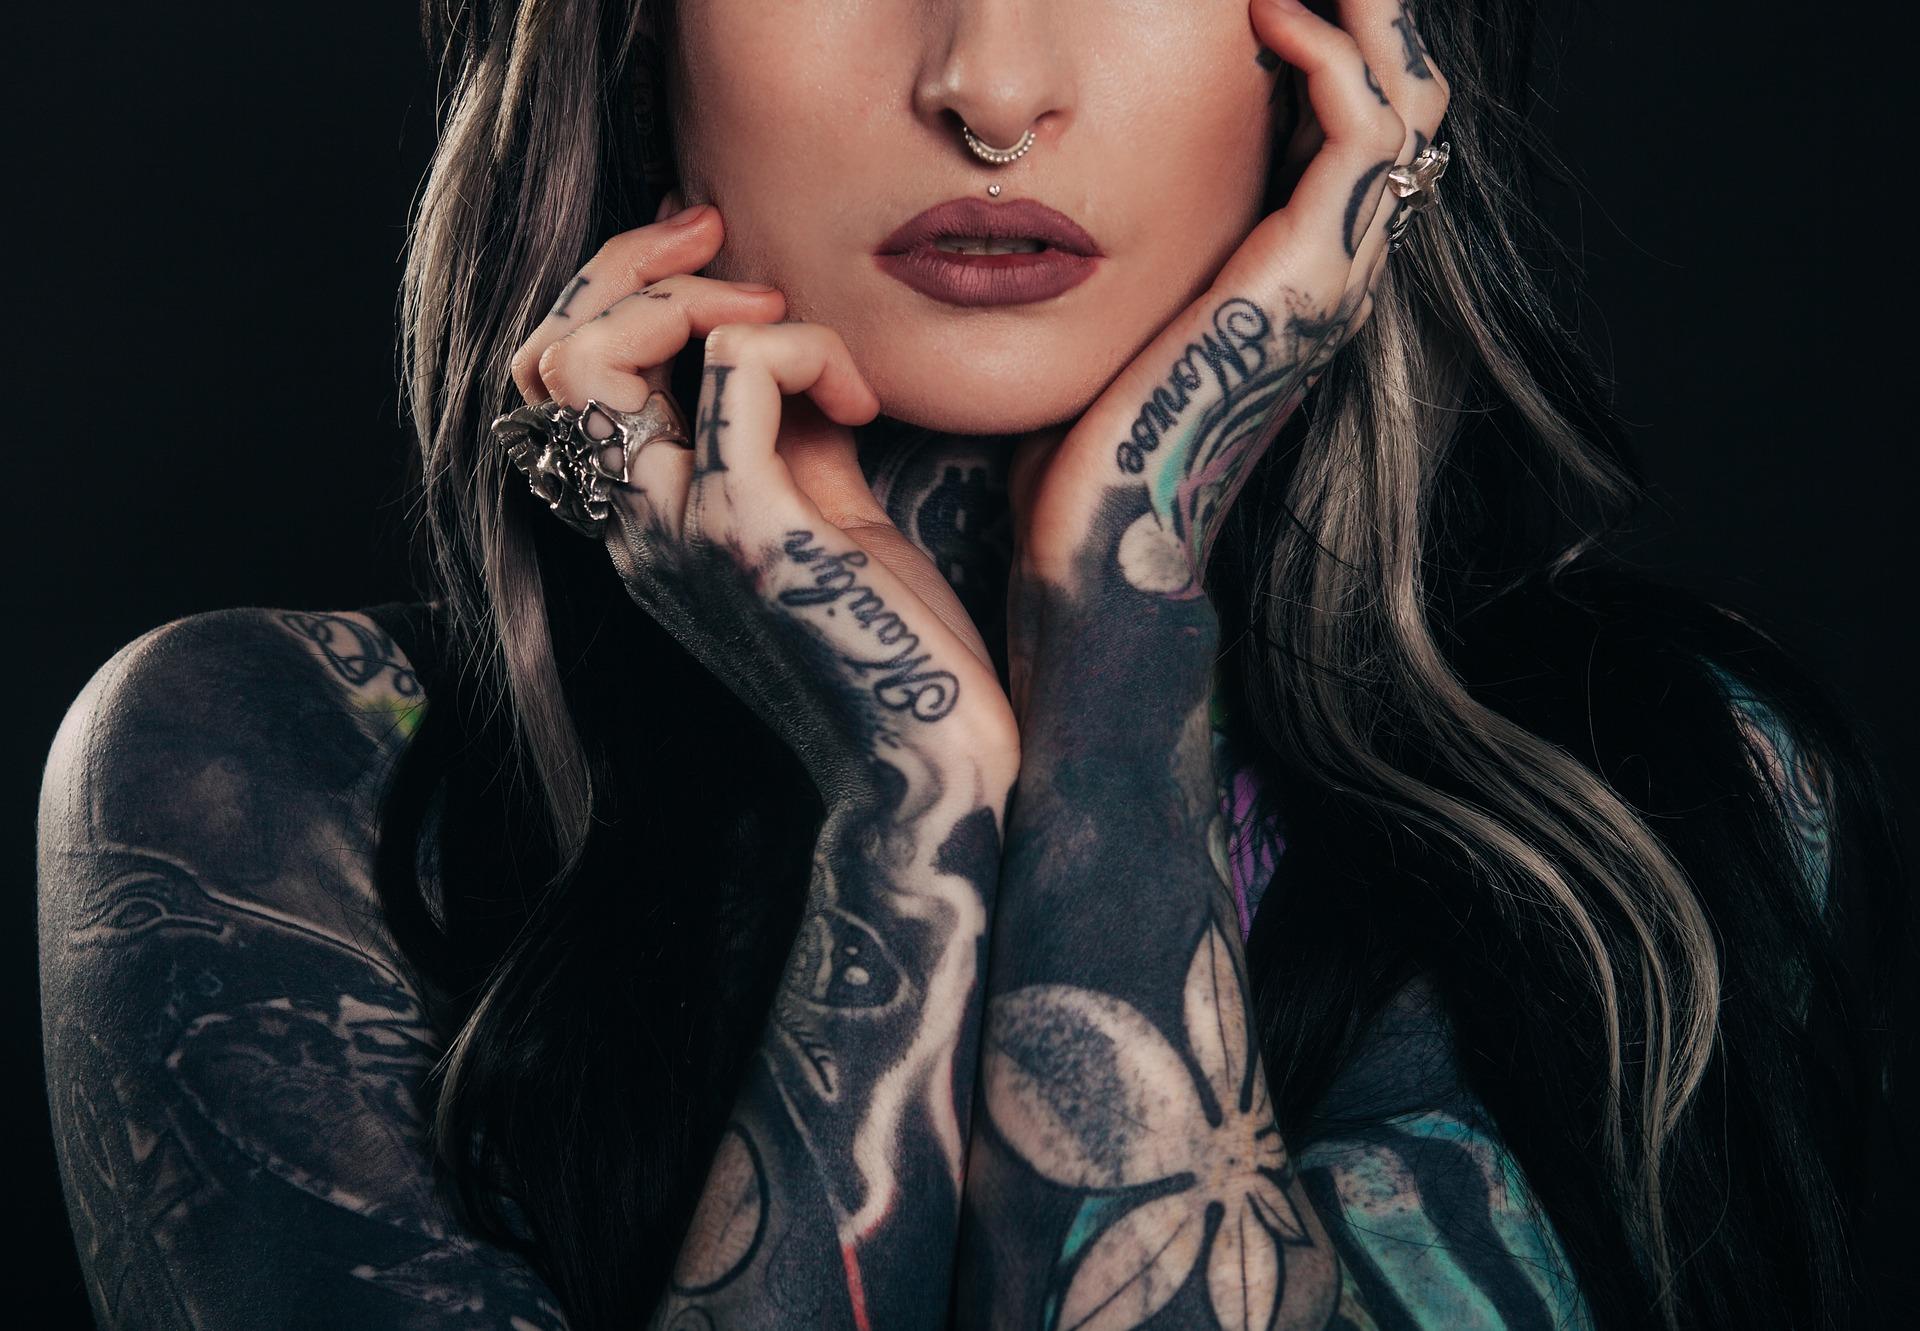 Usuwanie kolorowych tatuaży – dziś to żaden problem!